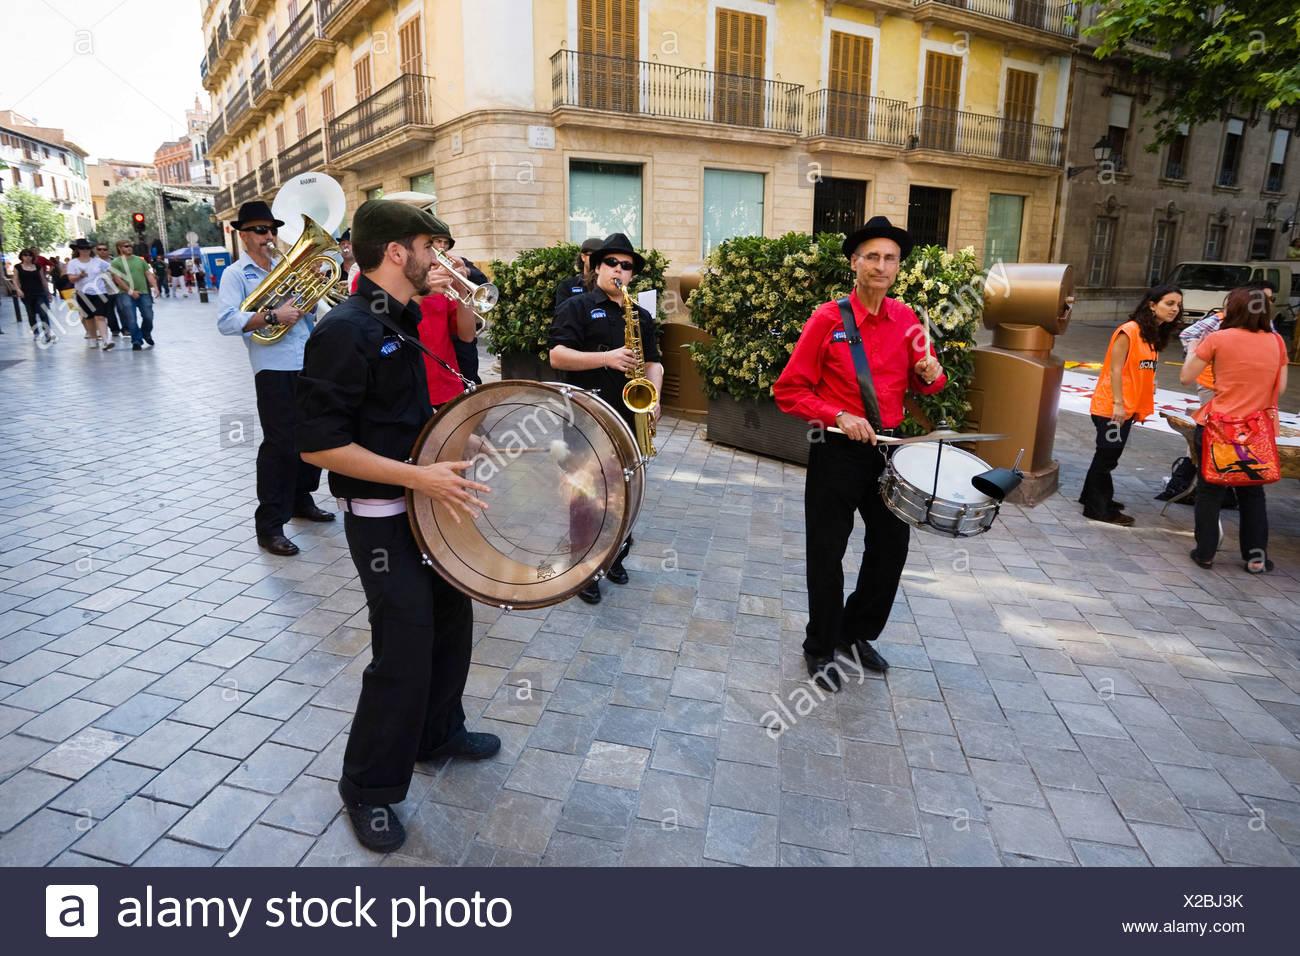 Band an der Placa de Santa Eulalia, Palma De Mallorca, Mallorca, Balearen, Spanien, Europa Stockbild